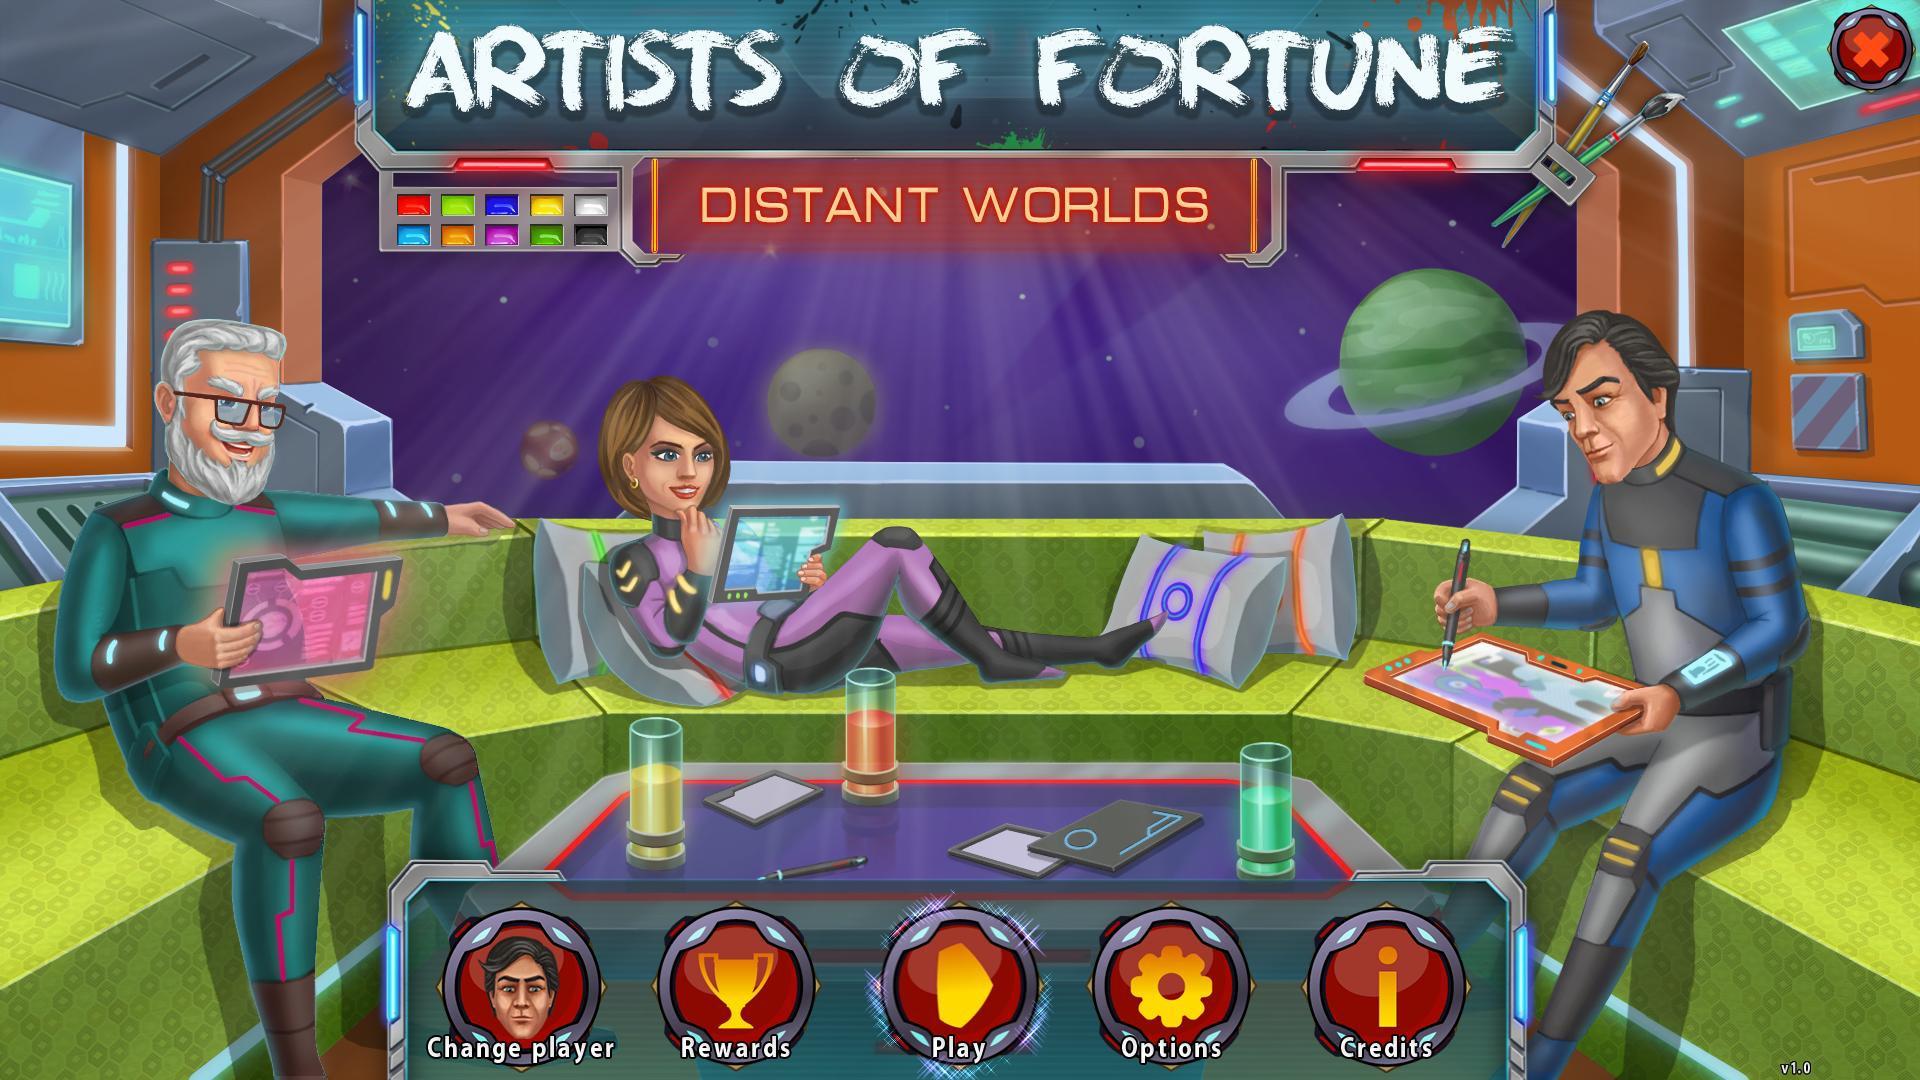 Художники удачи: Далекие миры | Artists of Fortune: Distant Worlds (En)